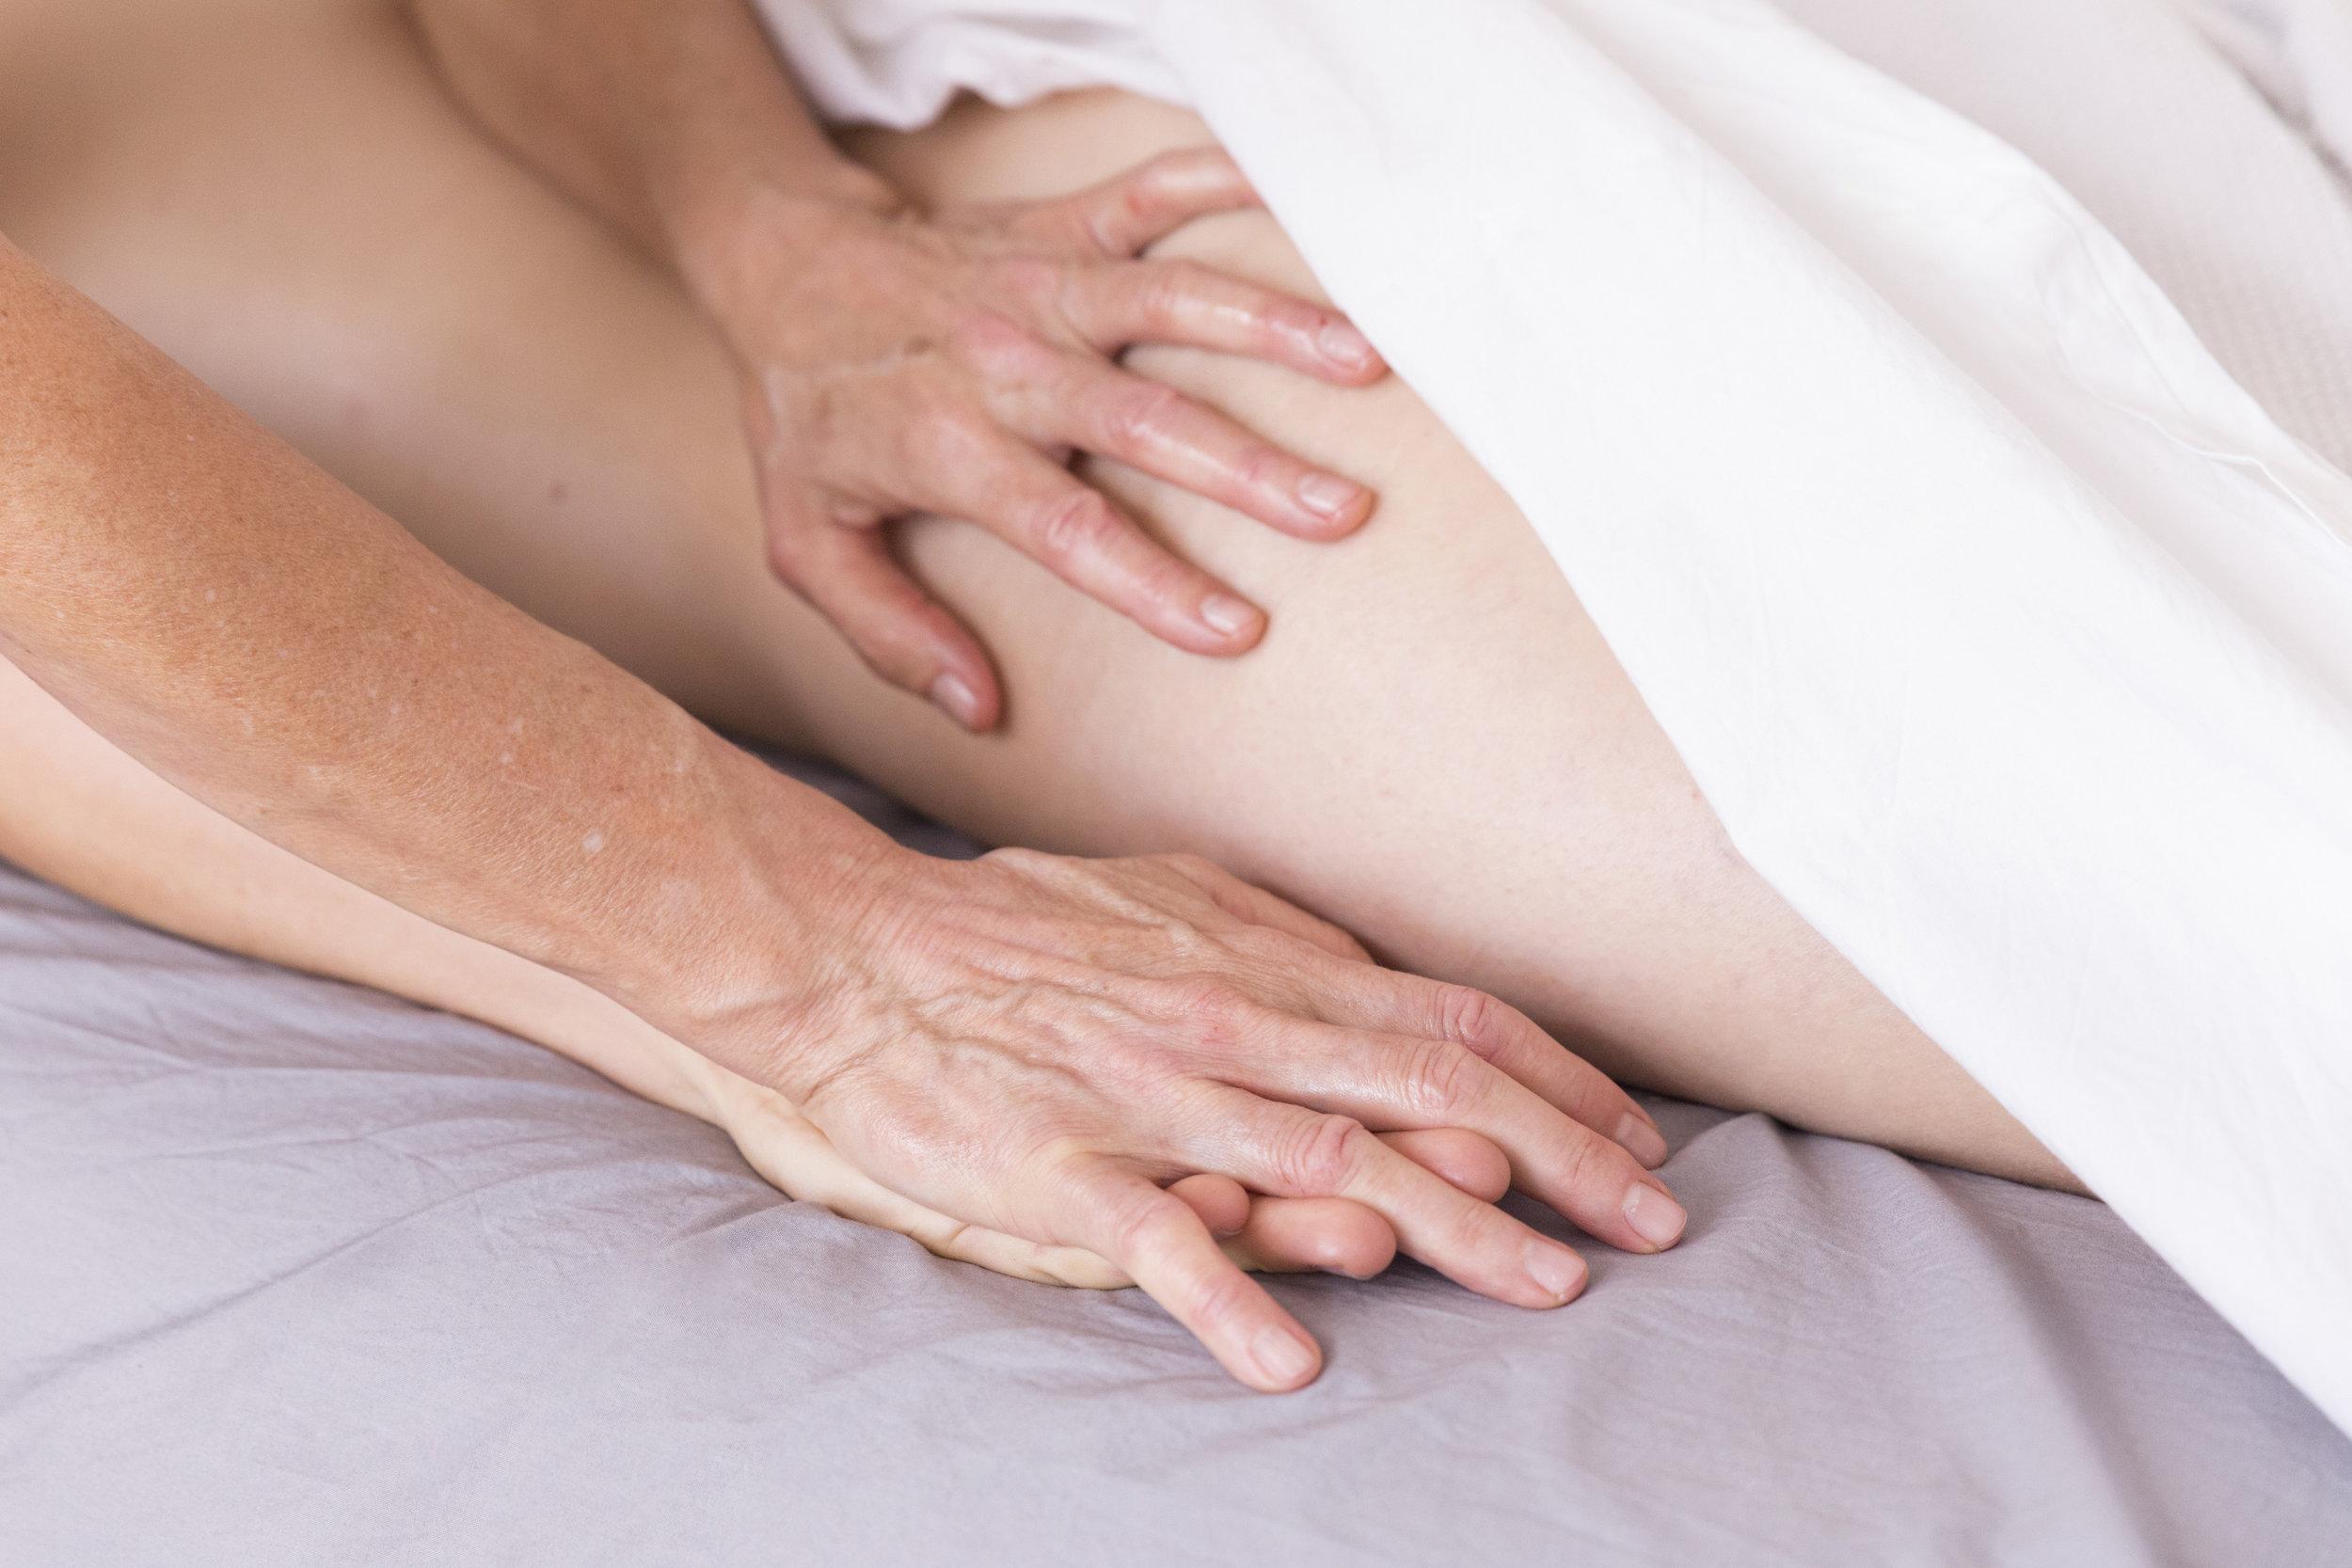 esalen-massage-lilis-praxis.jpg